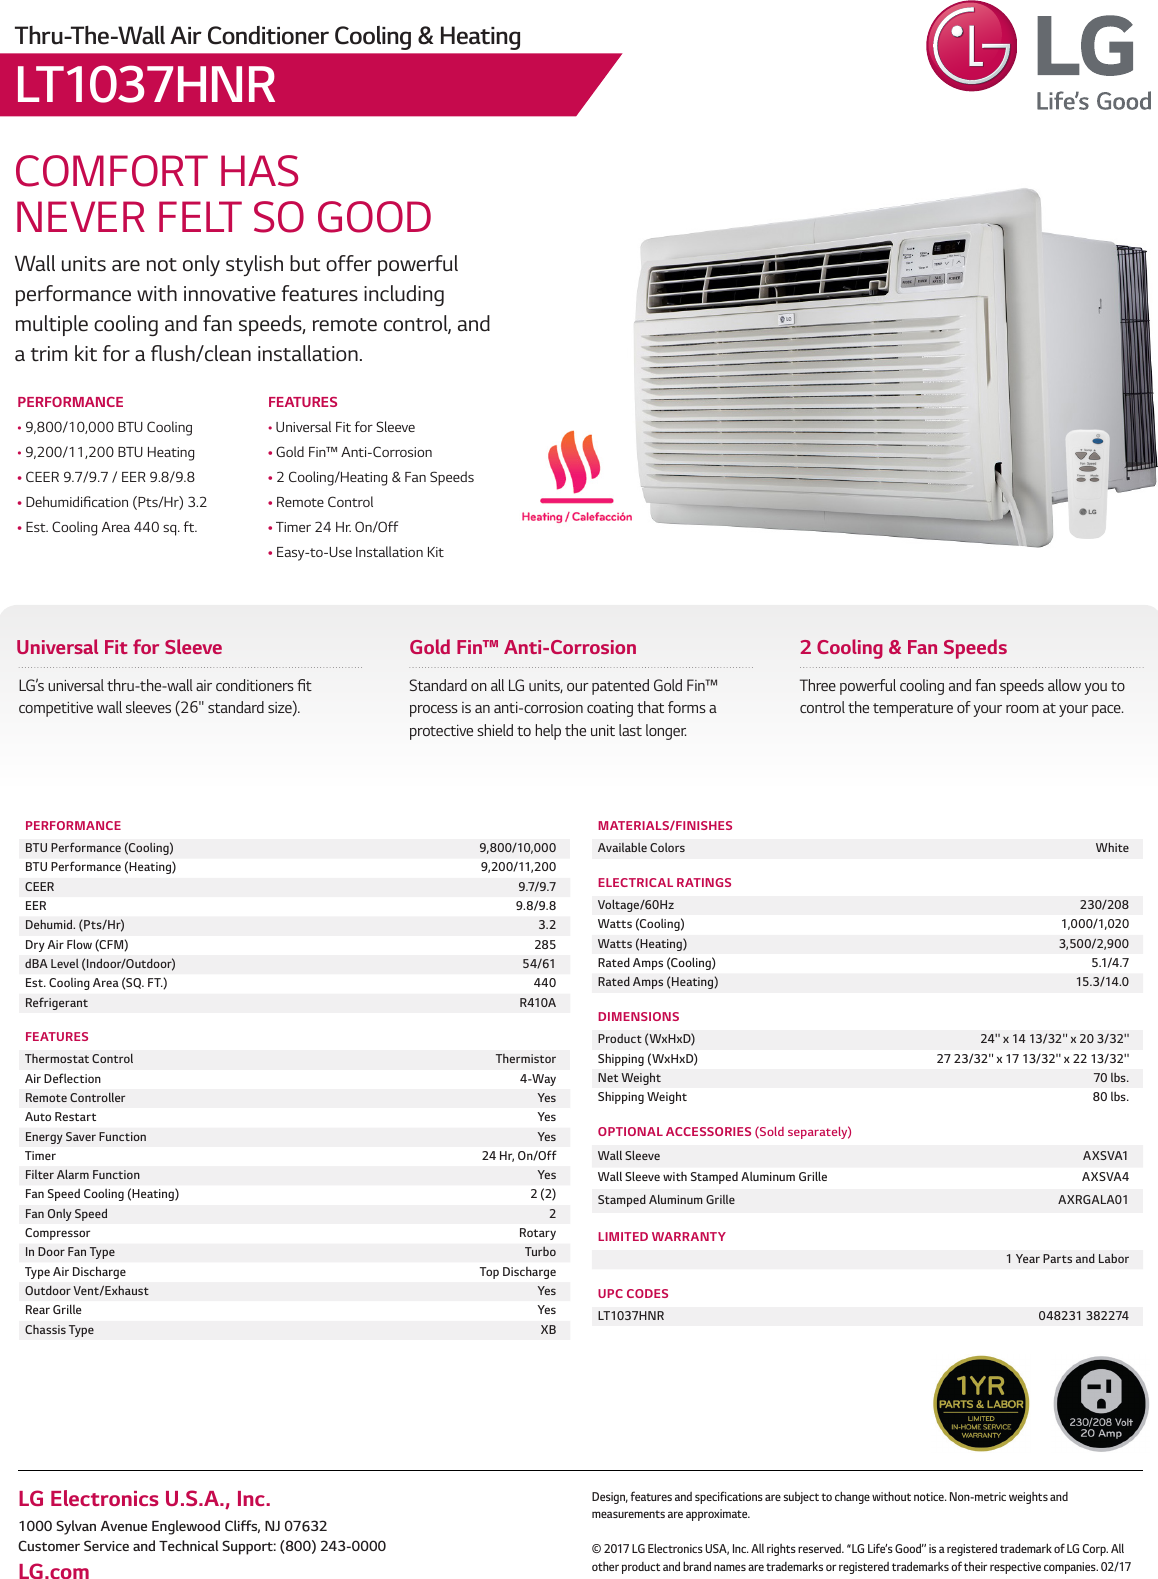 LG LT1037HNR User Manual Specification REV2 2017 Spec Sheet